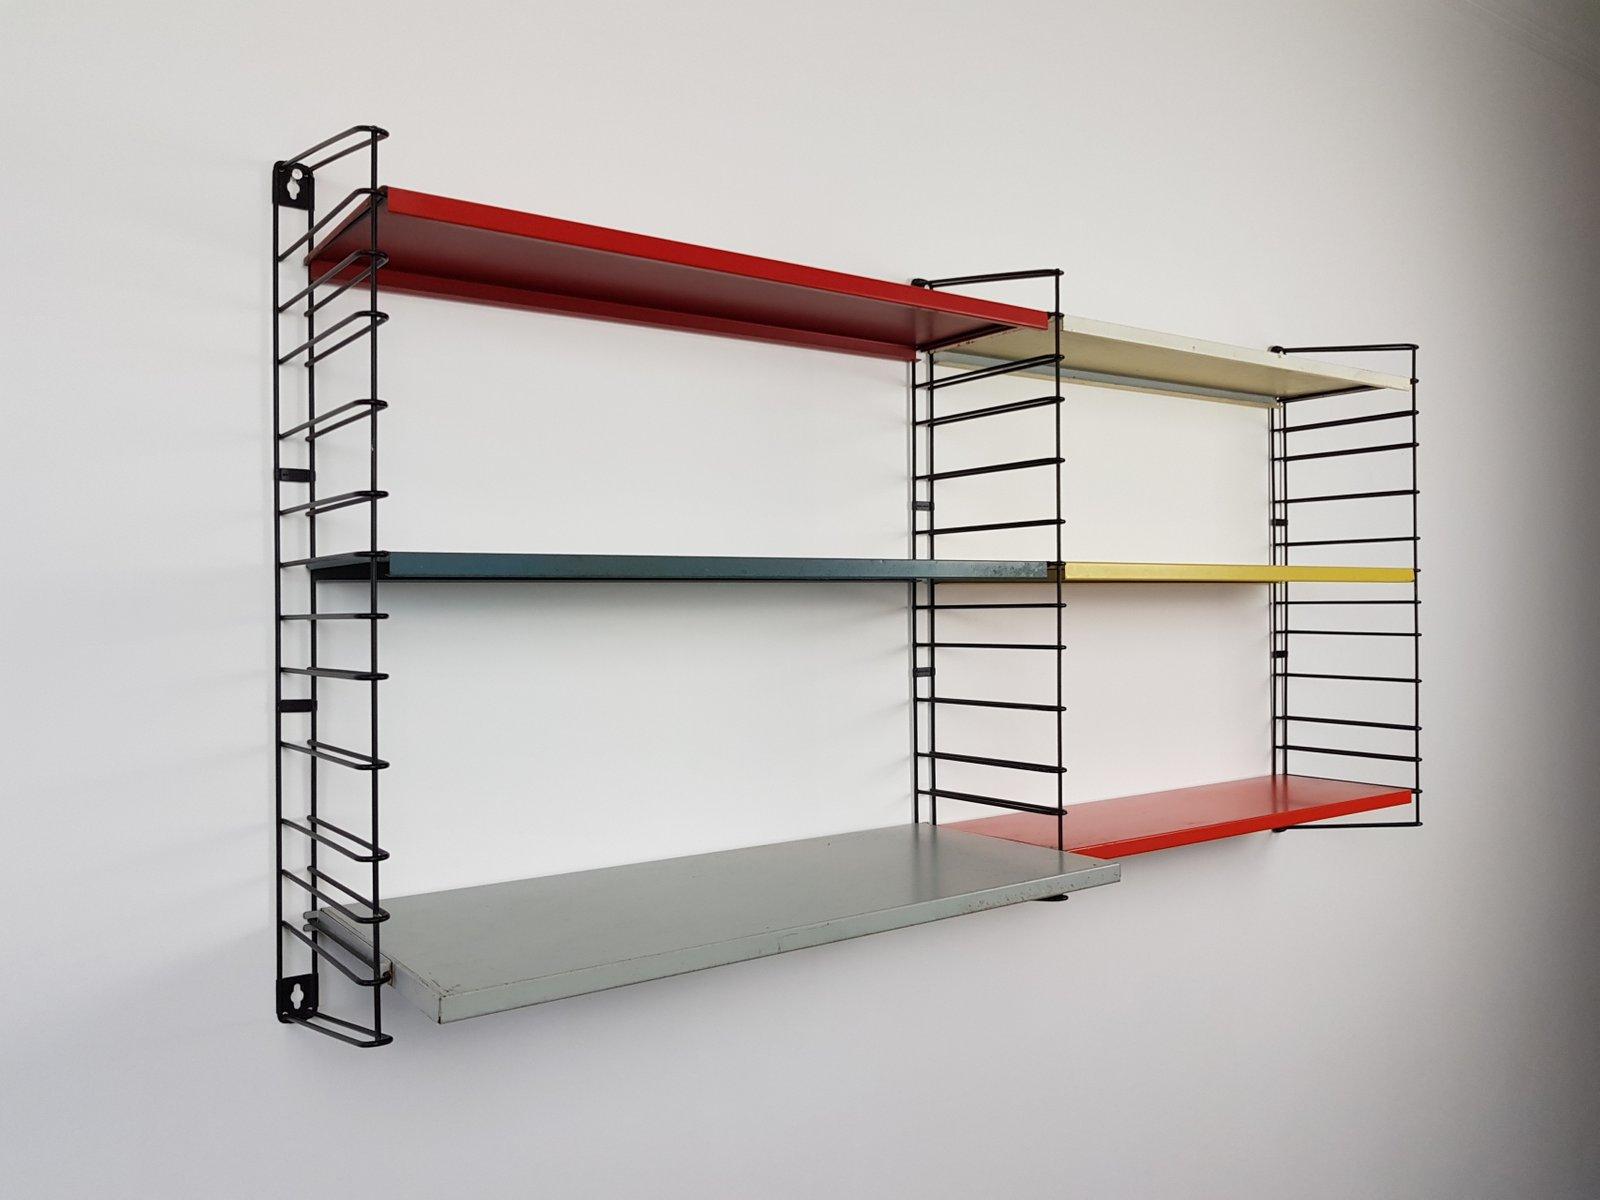 Tolle Wandmontiertes Chrom Draht Regal Galerie - Die Besten ...